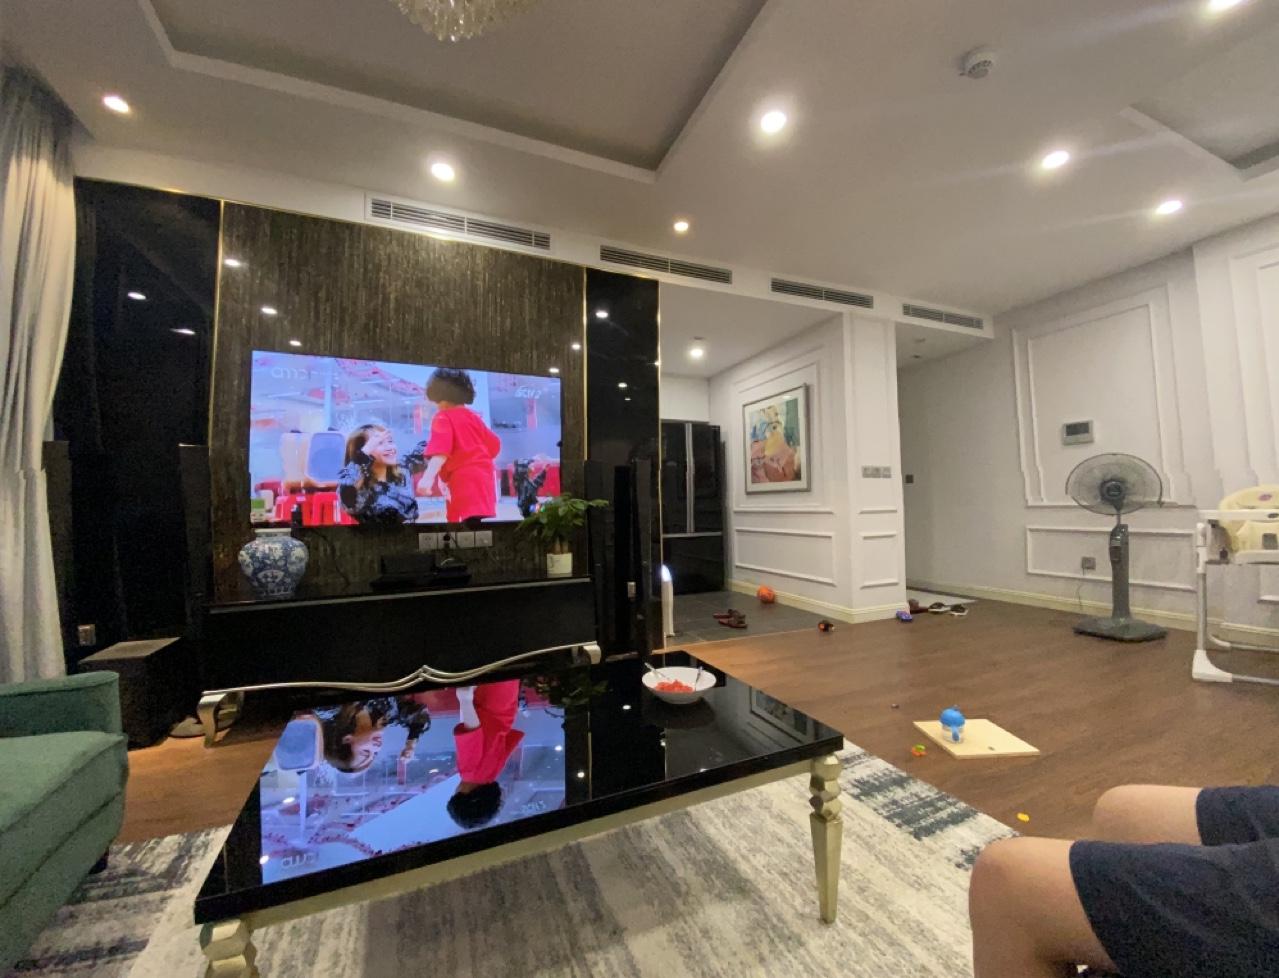 Cần Cho thuê căn hộ chung cư  cao cấp dự án 6th Element, quận Tây Hồ, Hà Nội